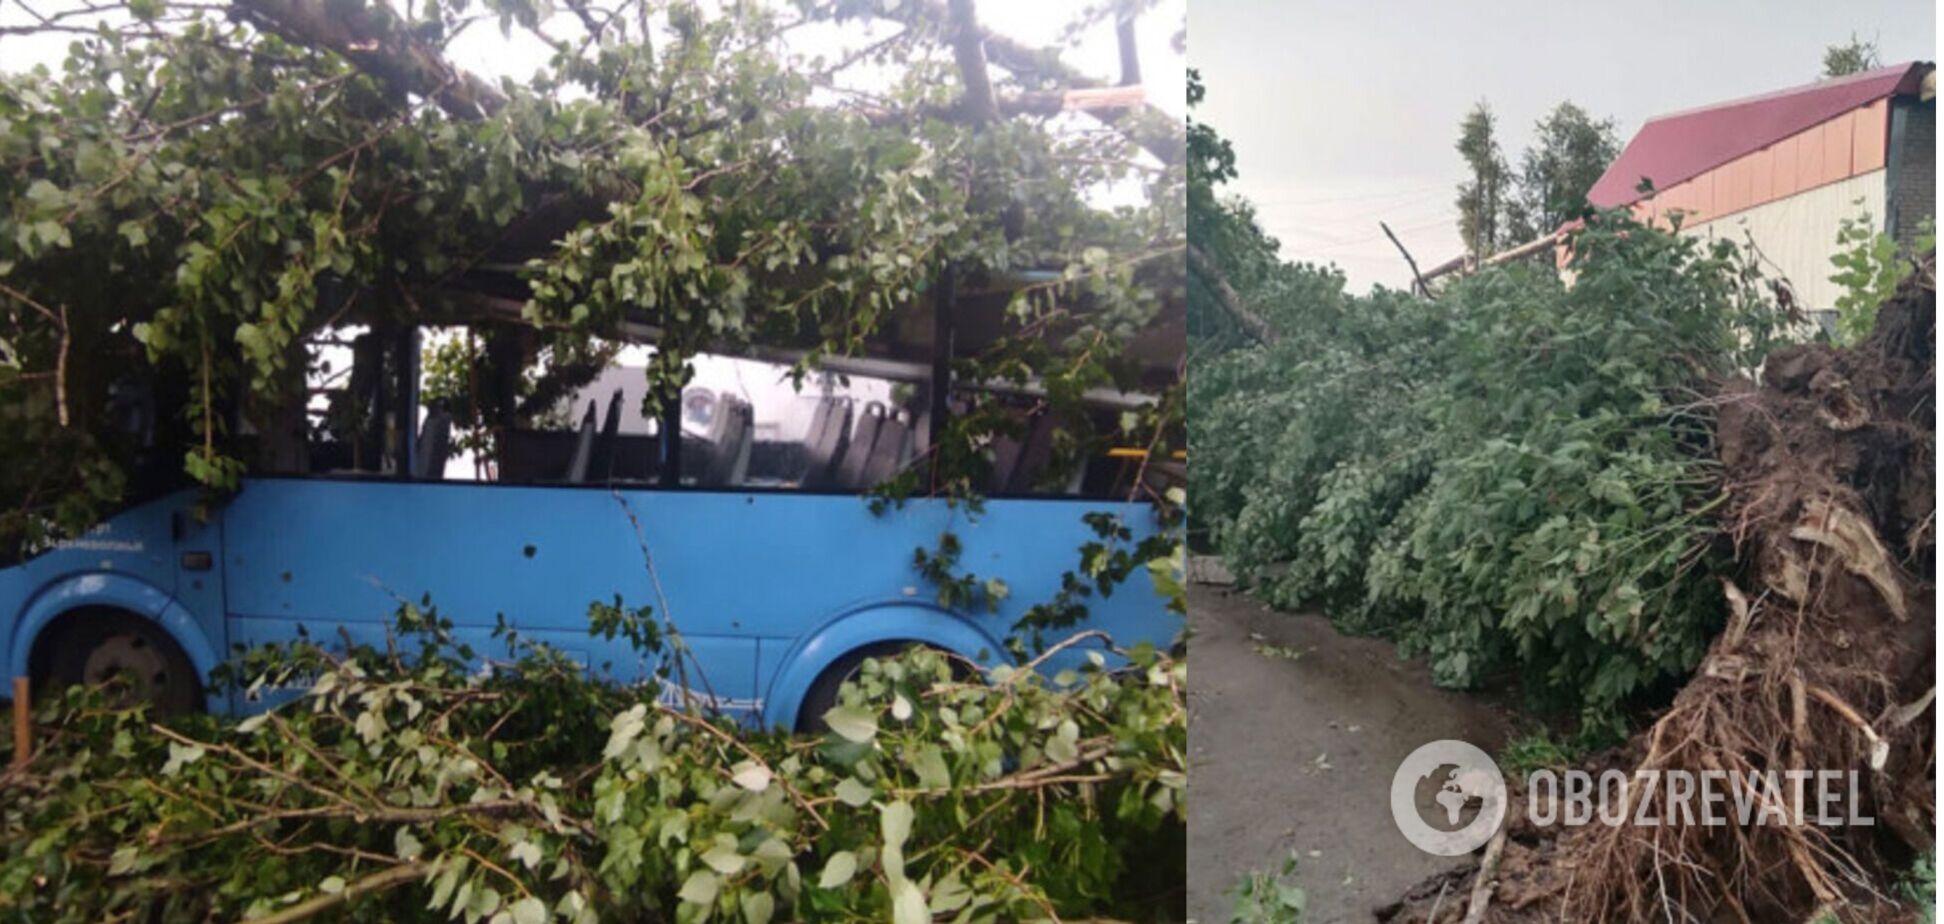 Трощив дерева і зносив дахи: в Росії пронісся потужний ураган, є загиблі. Фото і відео